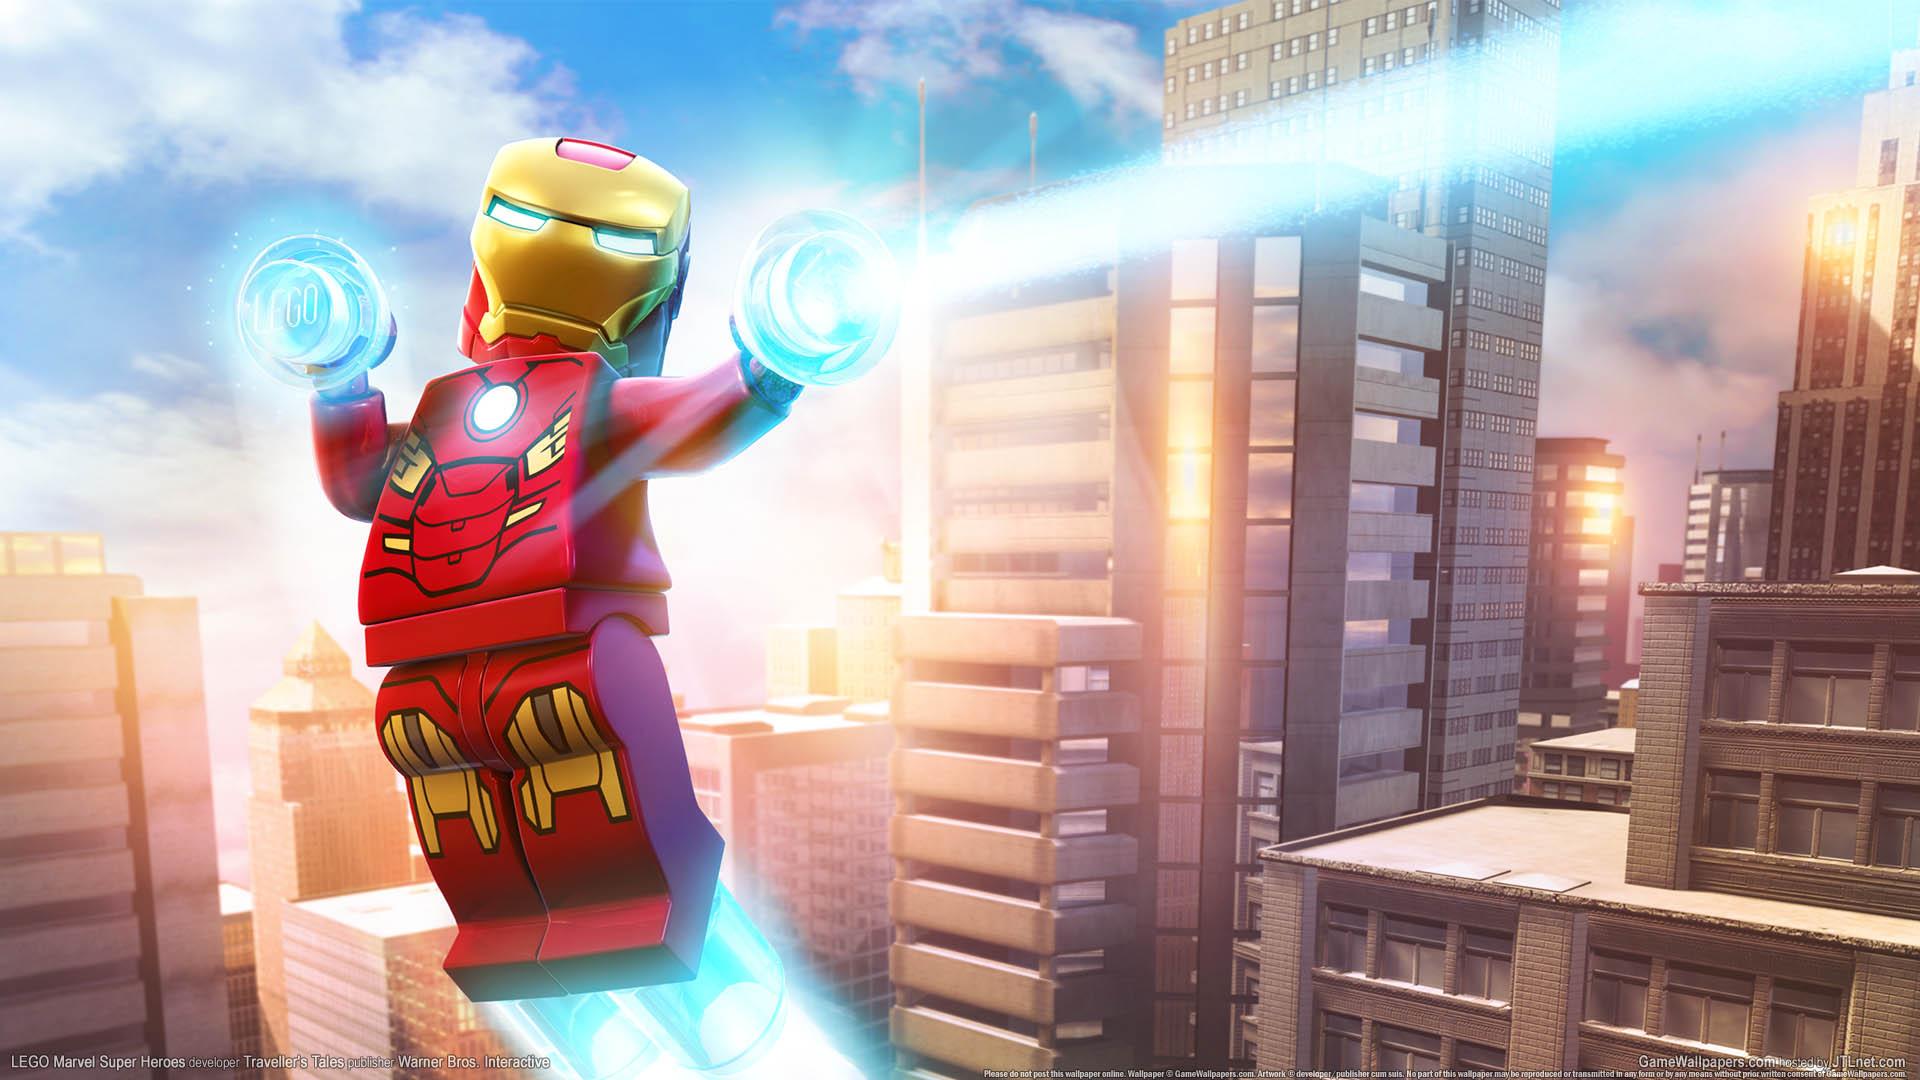 Lego Marvel Super Heroes Fondo De Escritorio 02 1920x1080